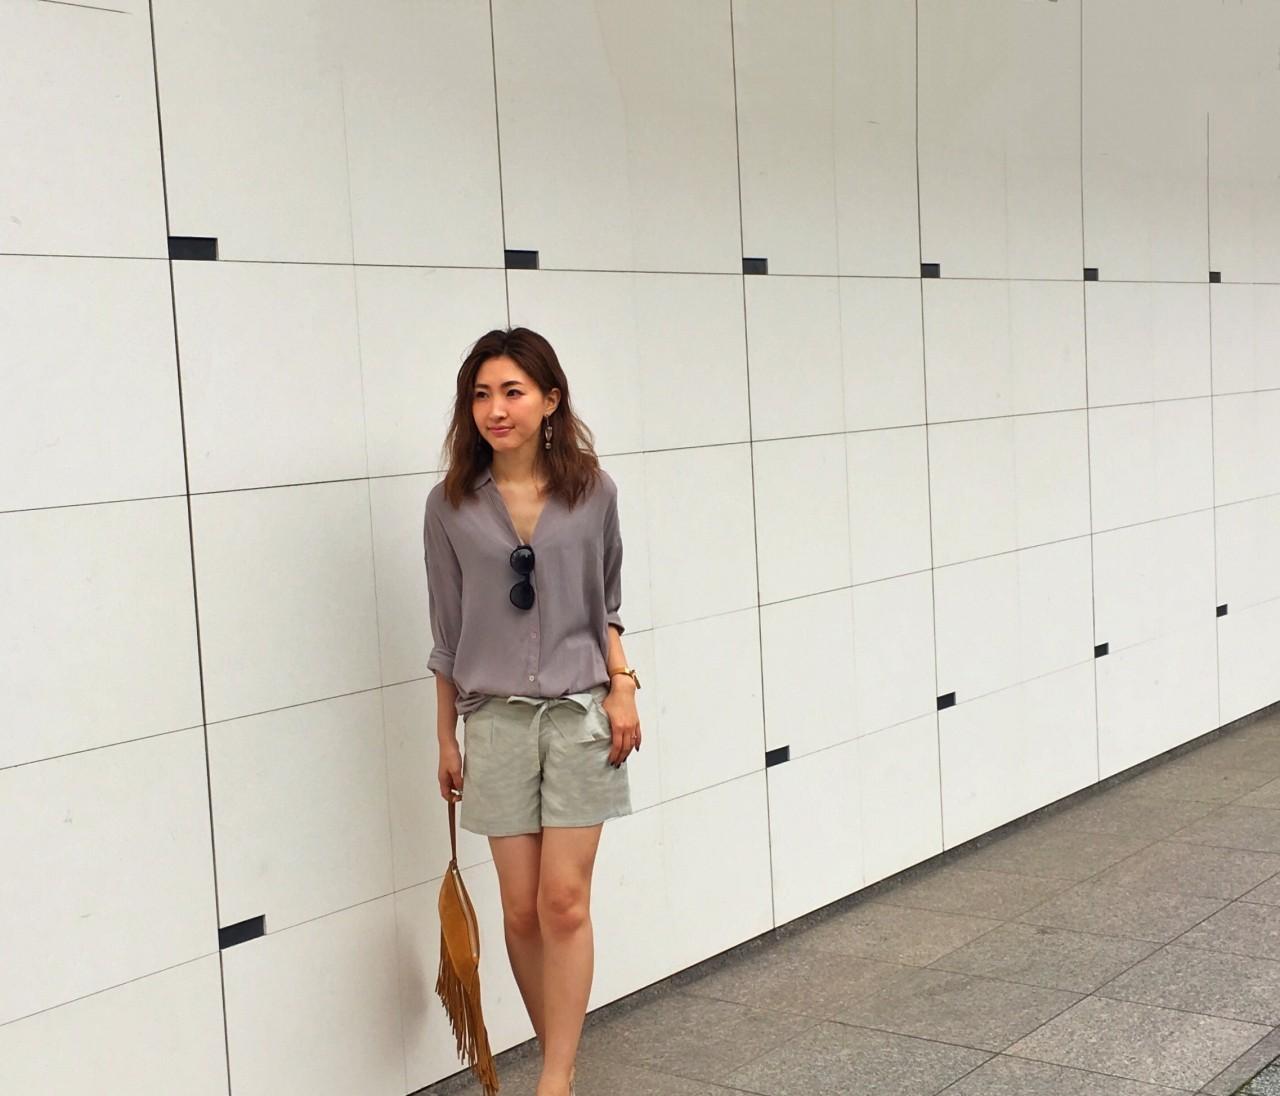 ★新しいバッグを持って新しいバッグを買いに #涼しい日 #ショートパンツ